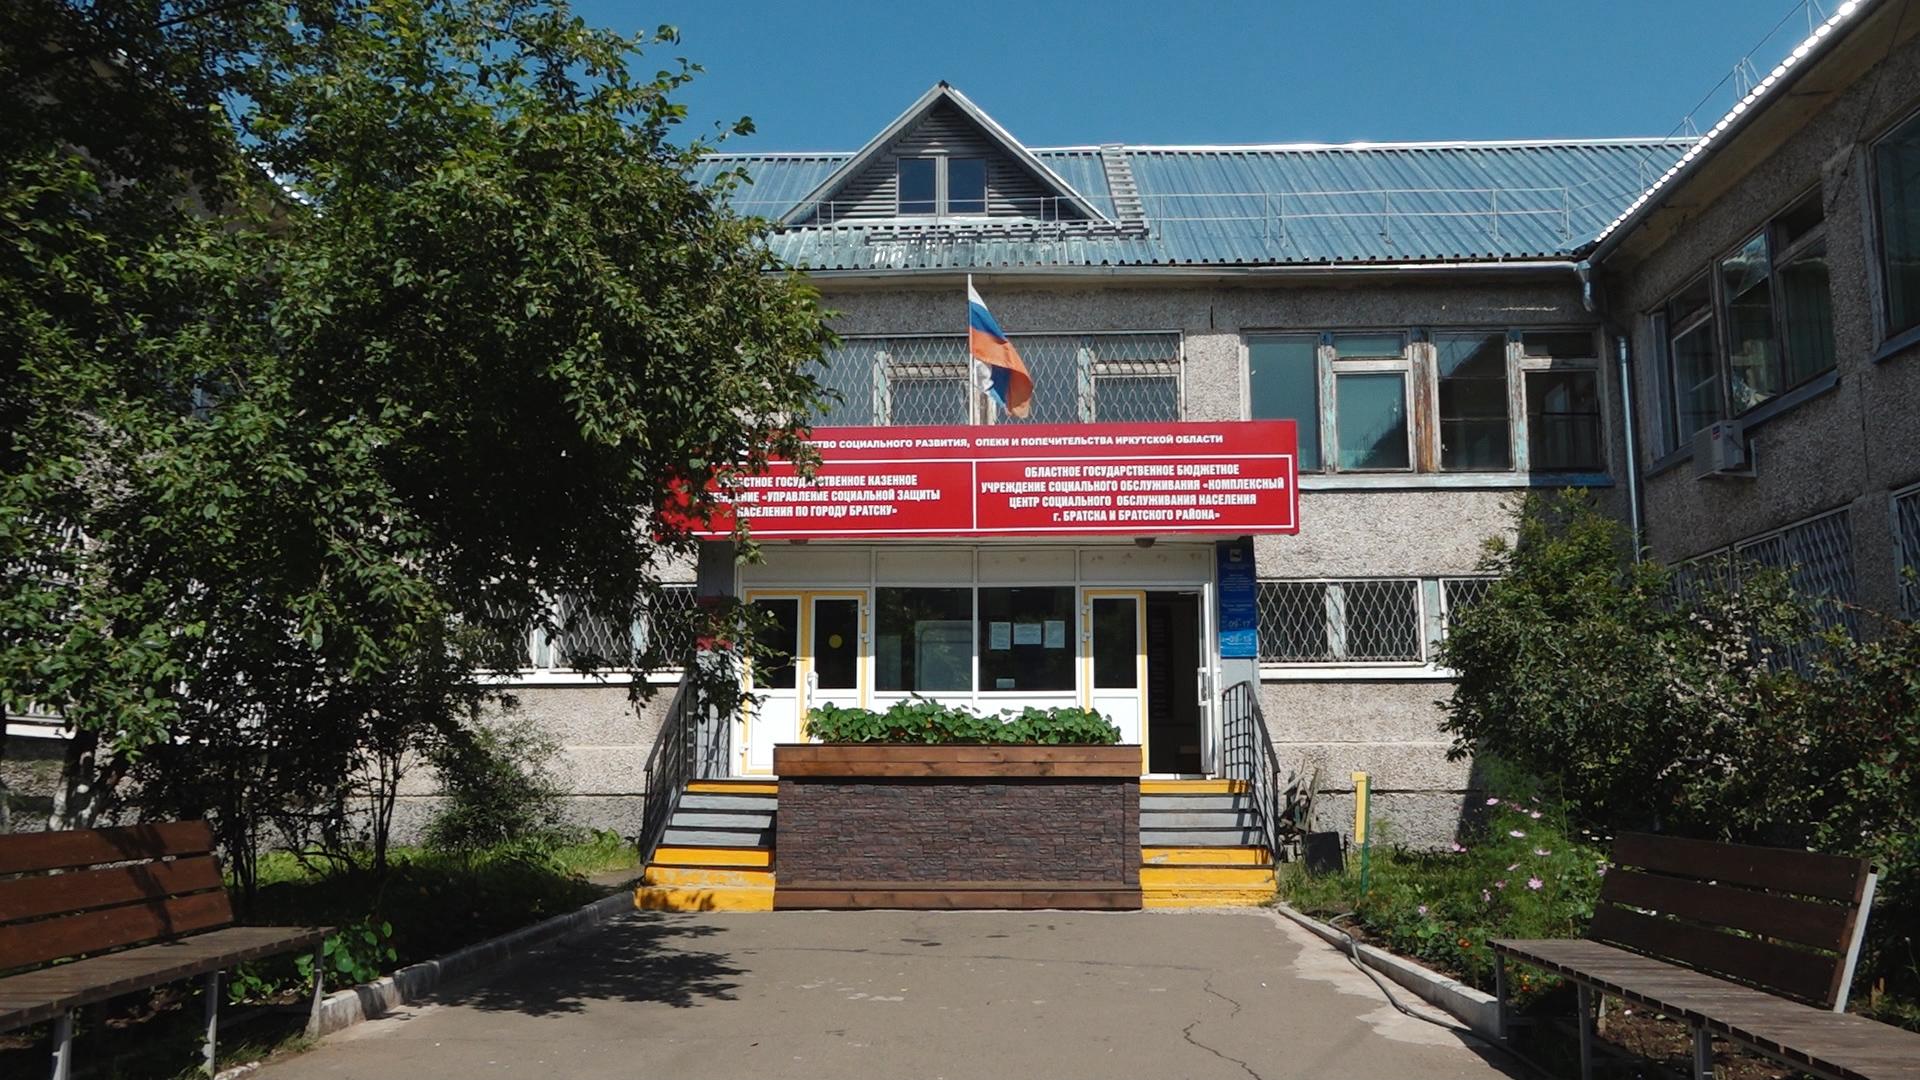 Льготы и выплаты малоимущим многодетным семьям в москве в 2020 году